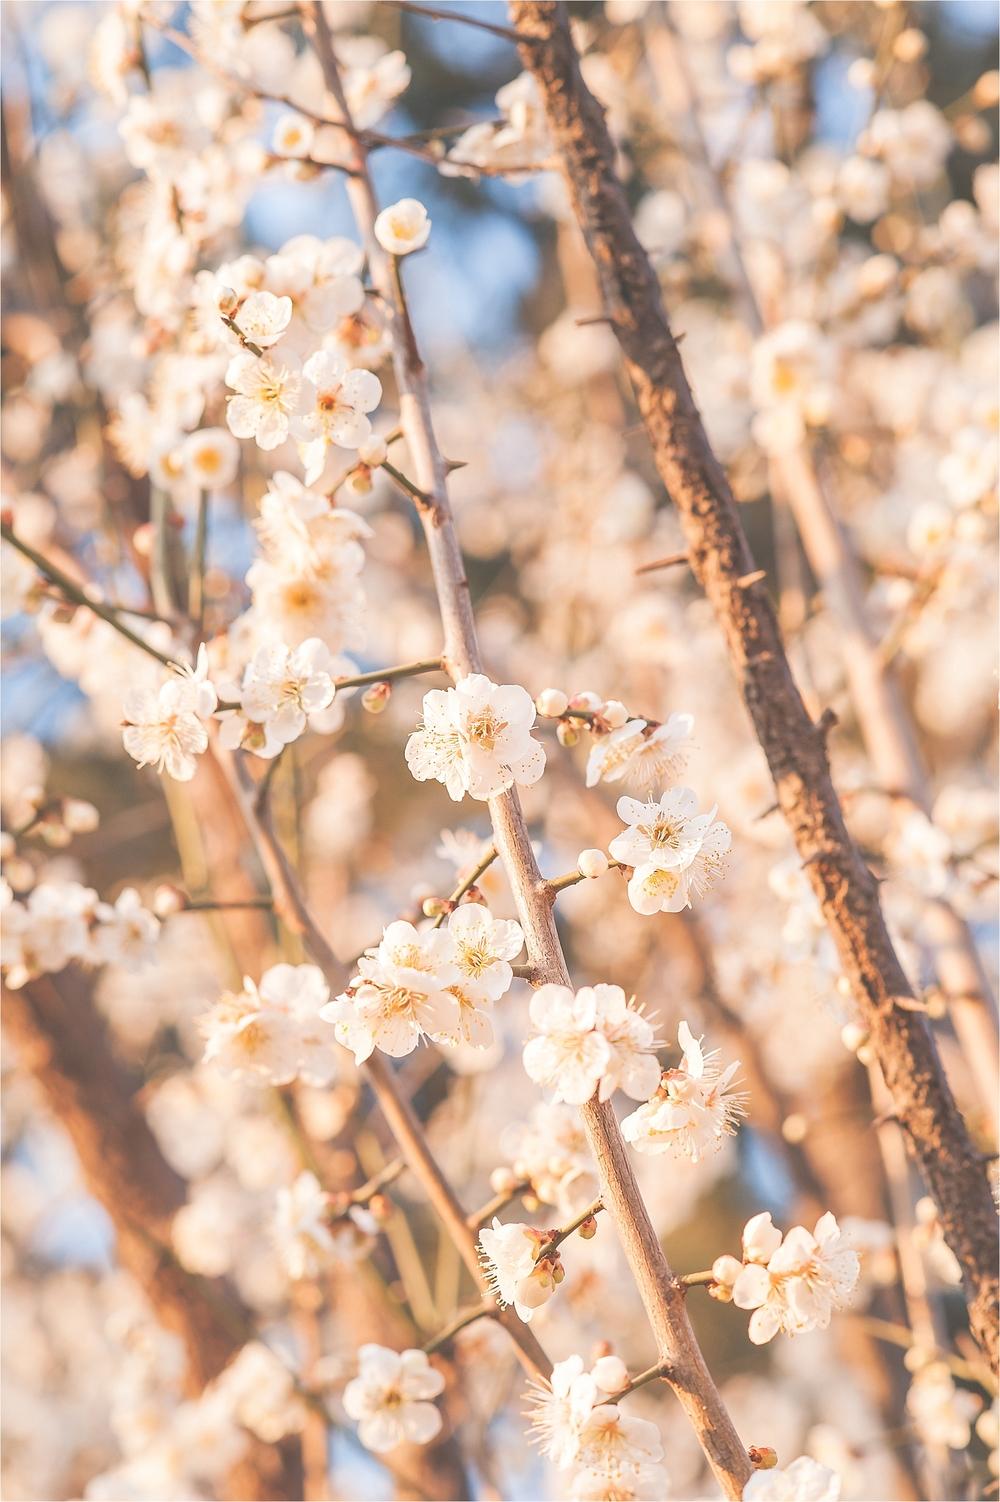 SpringBlossomsInSouthKorea_0022.jpg